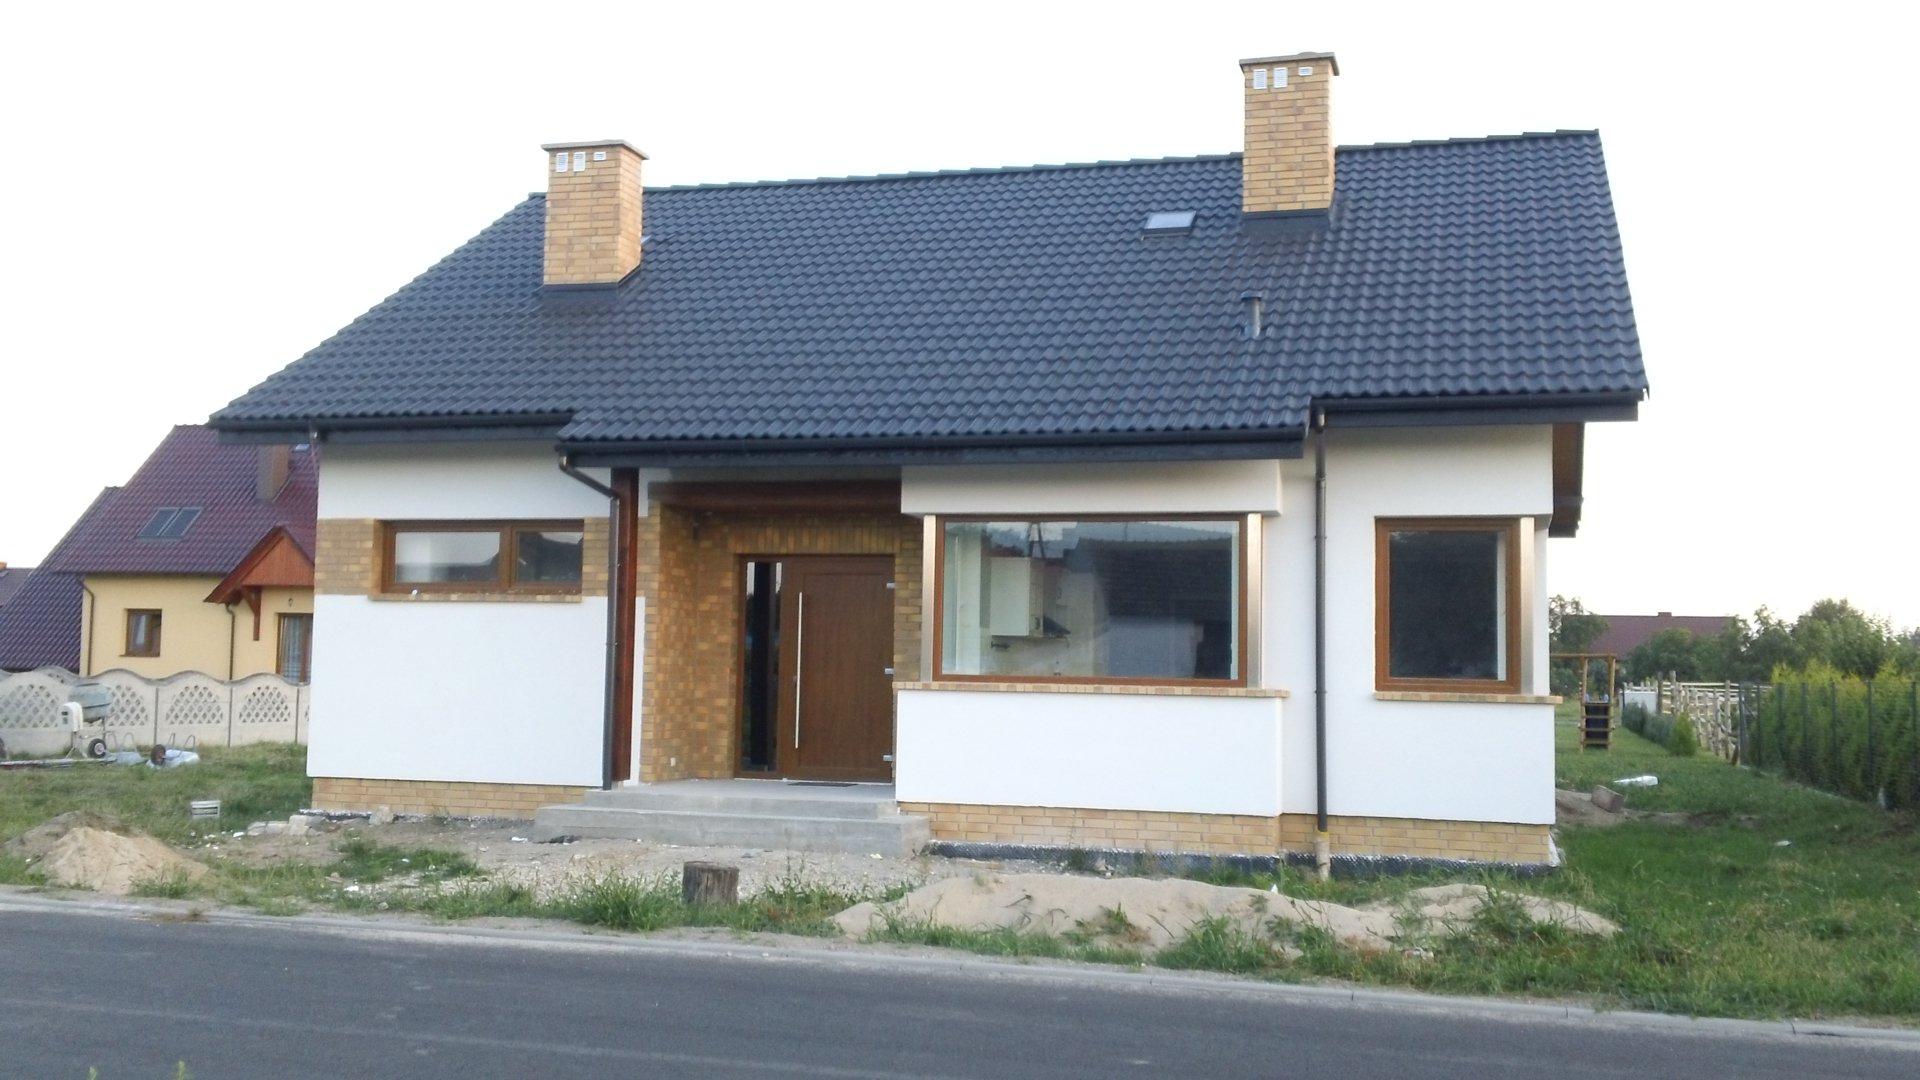 tomasz-zalezny-1375697915_1151.jpg